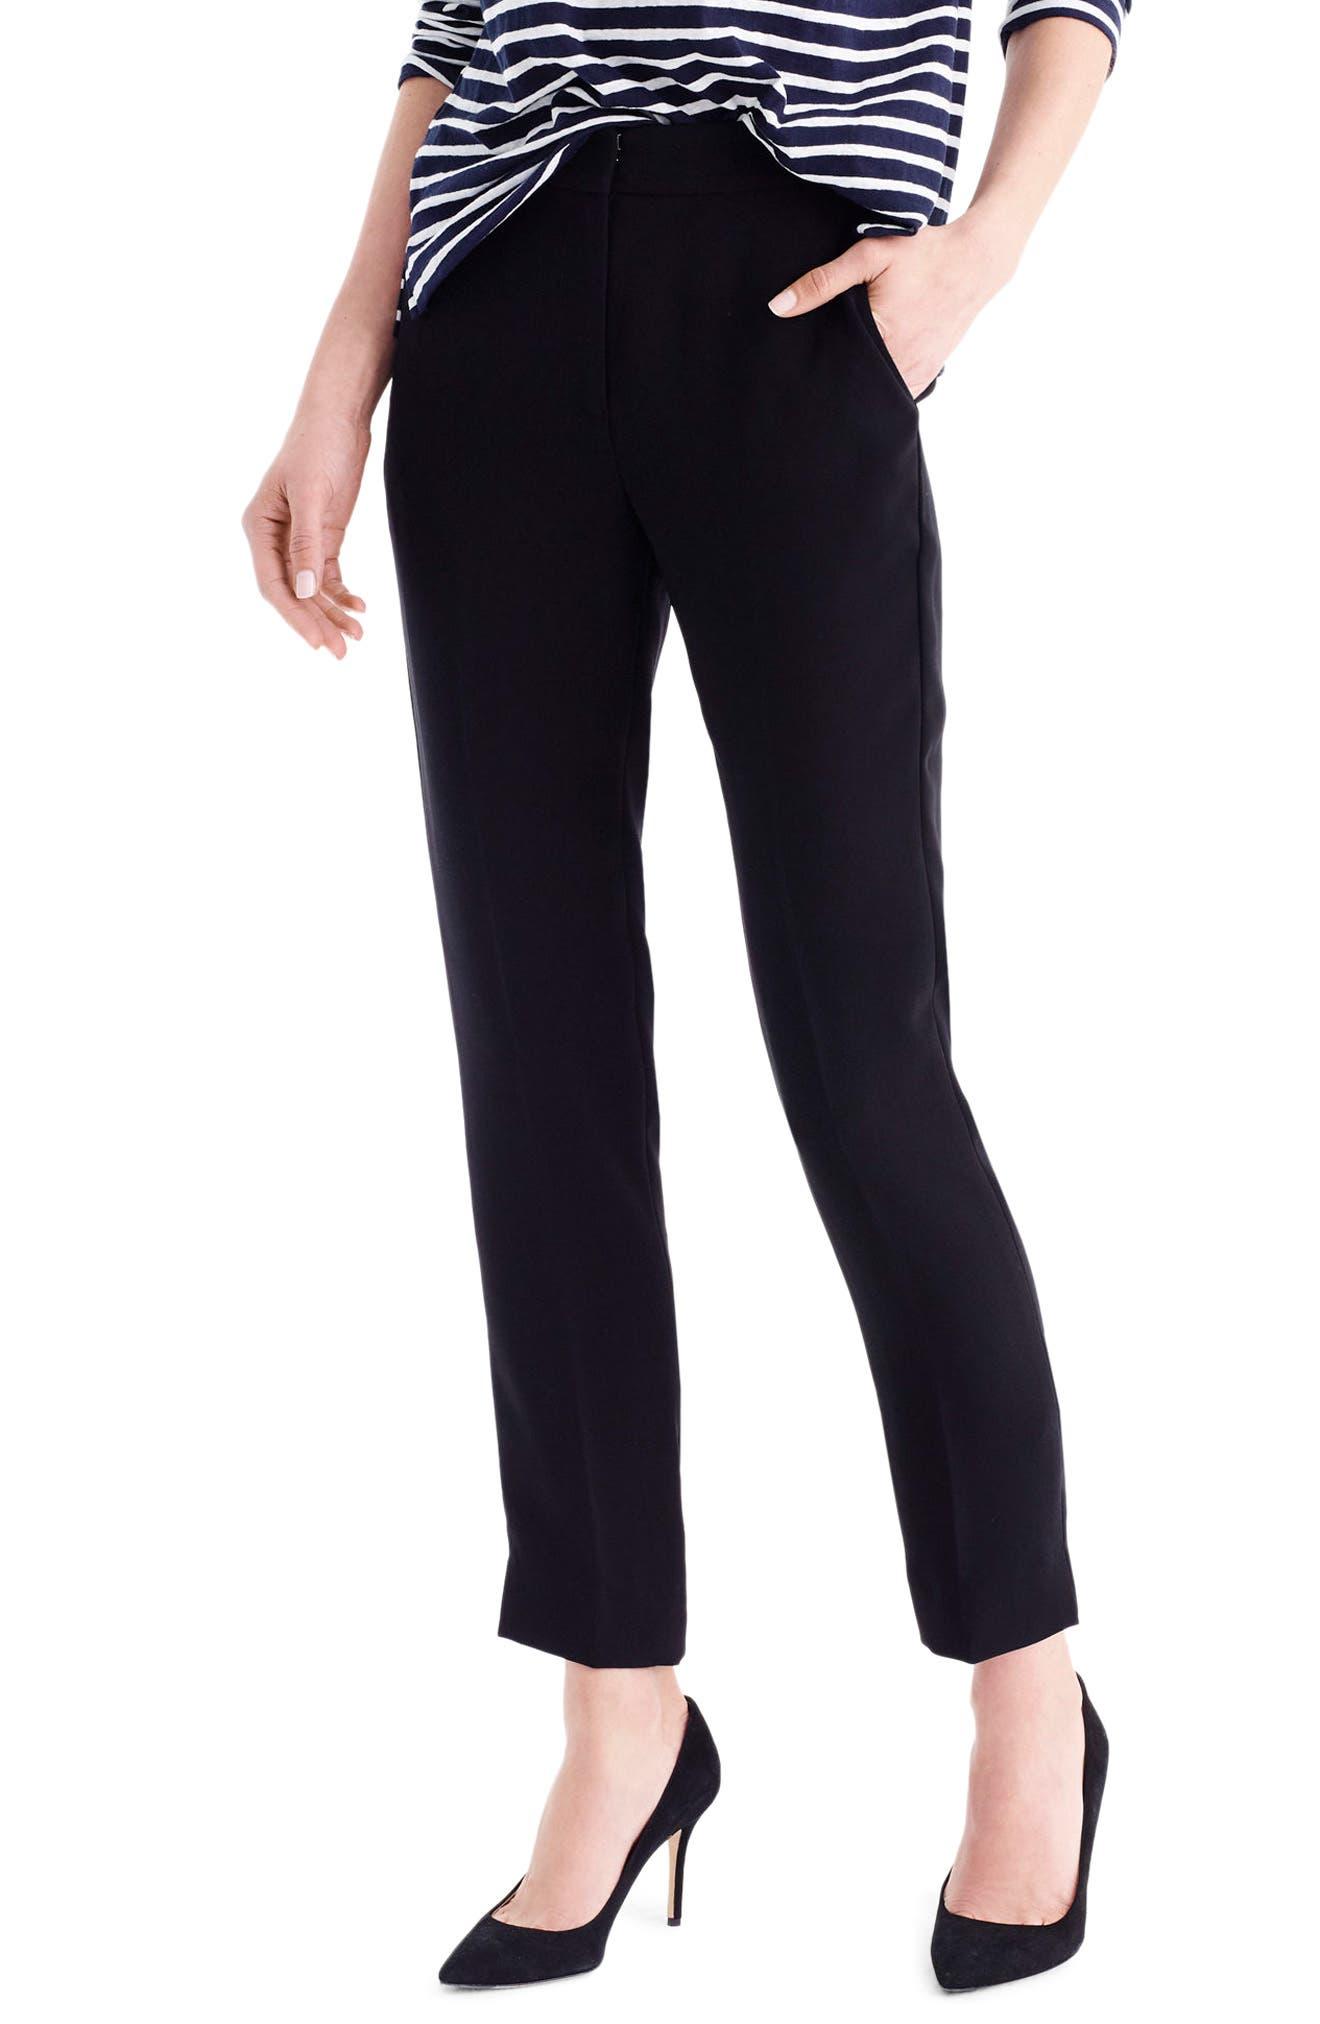 Alternate Image 1 Selected - J.Crew New Easy Matte Crepe Pants (Regular & Petite)